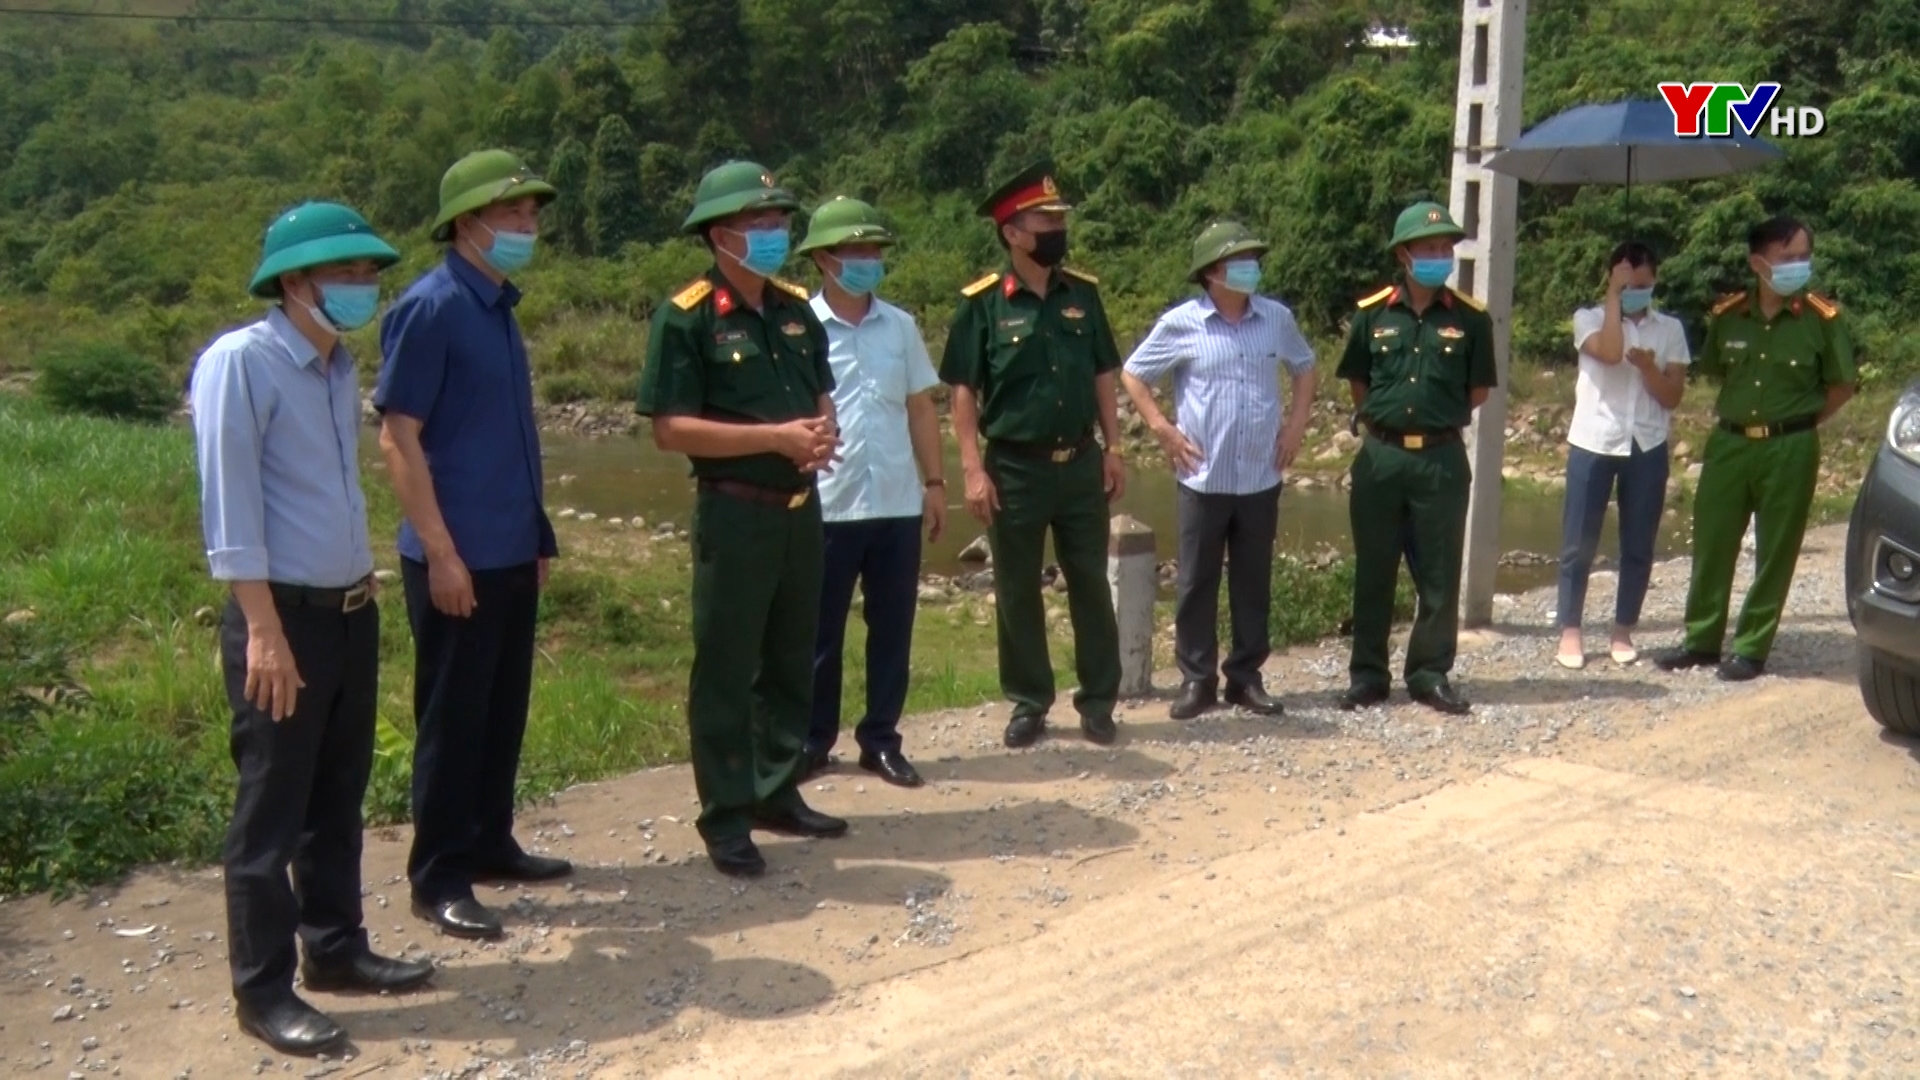 Đại tá Trần Công Ứng - Chỉ huy trưởng Bộ CHQS tỉnh kiểm tra công tác phòng chống thiên tai tại huyện Văn Chấn